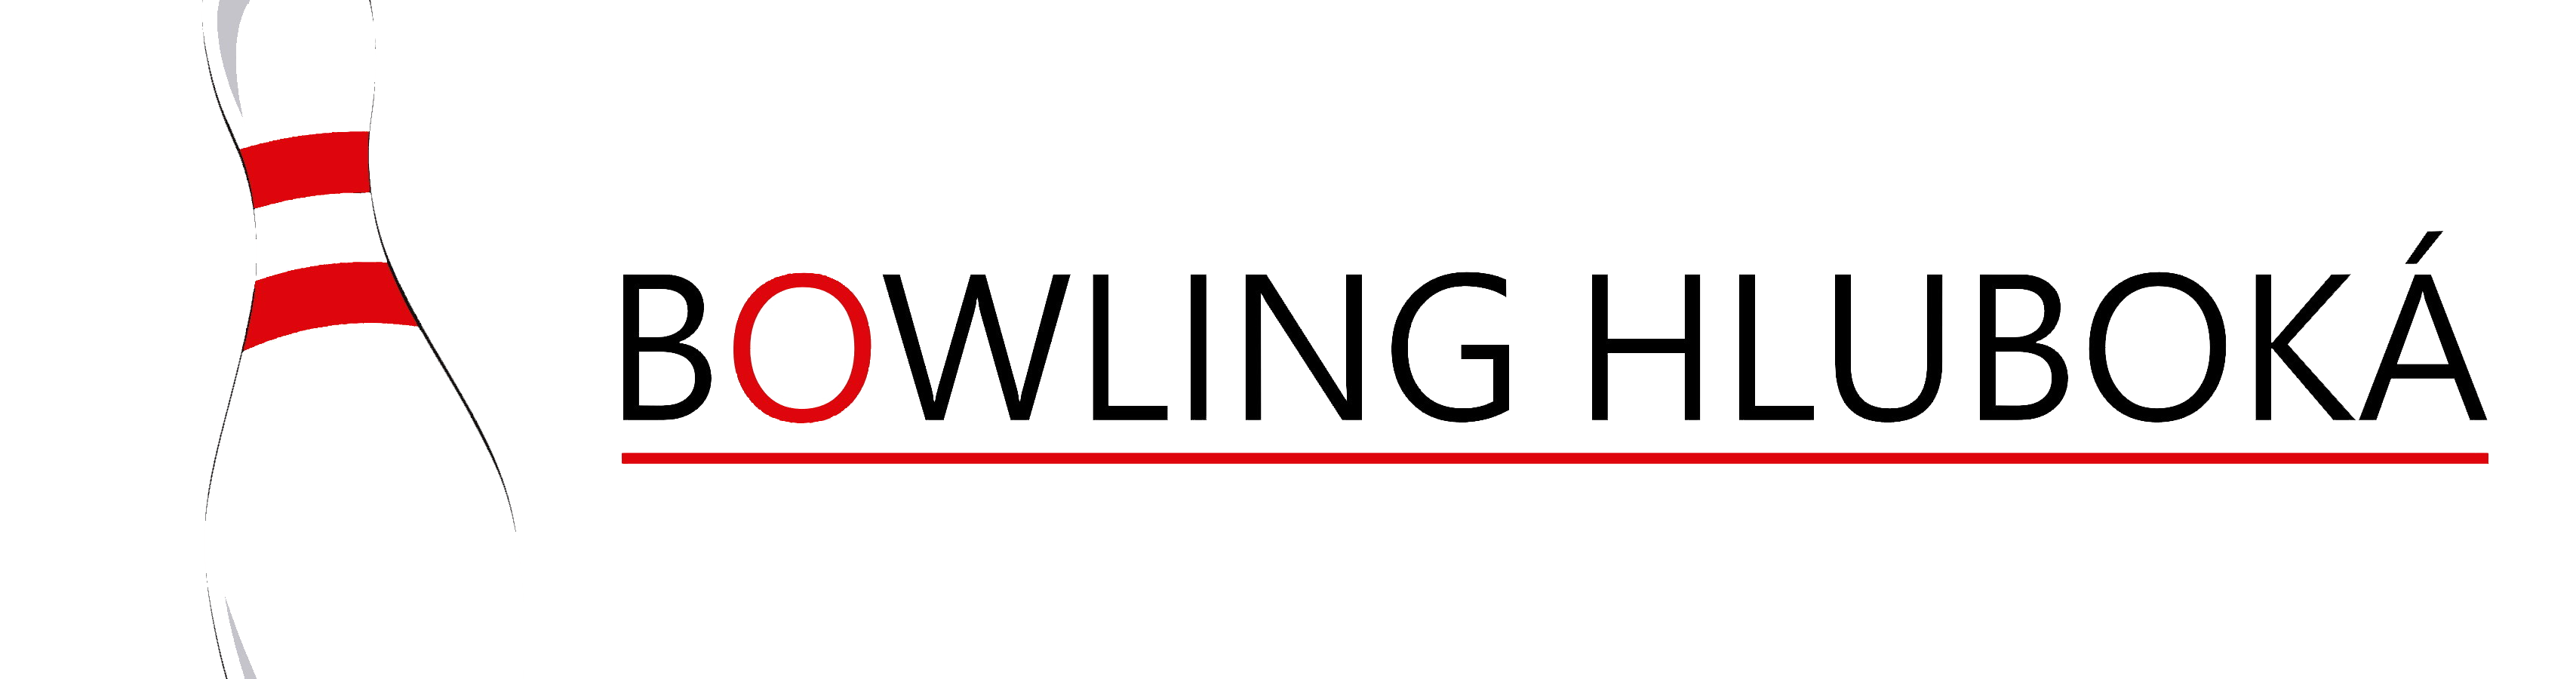 Bowling Hluboká